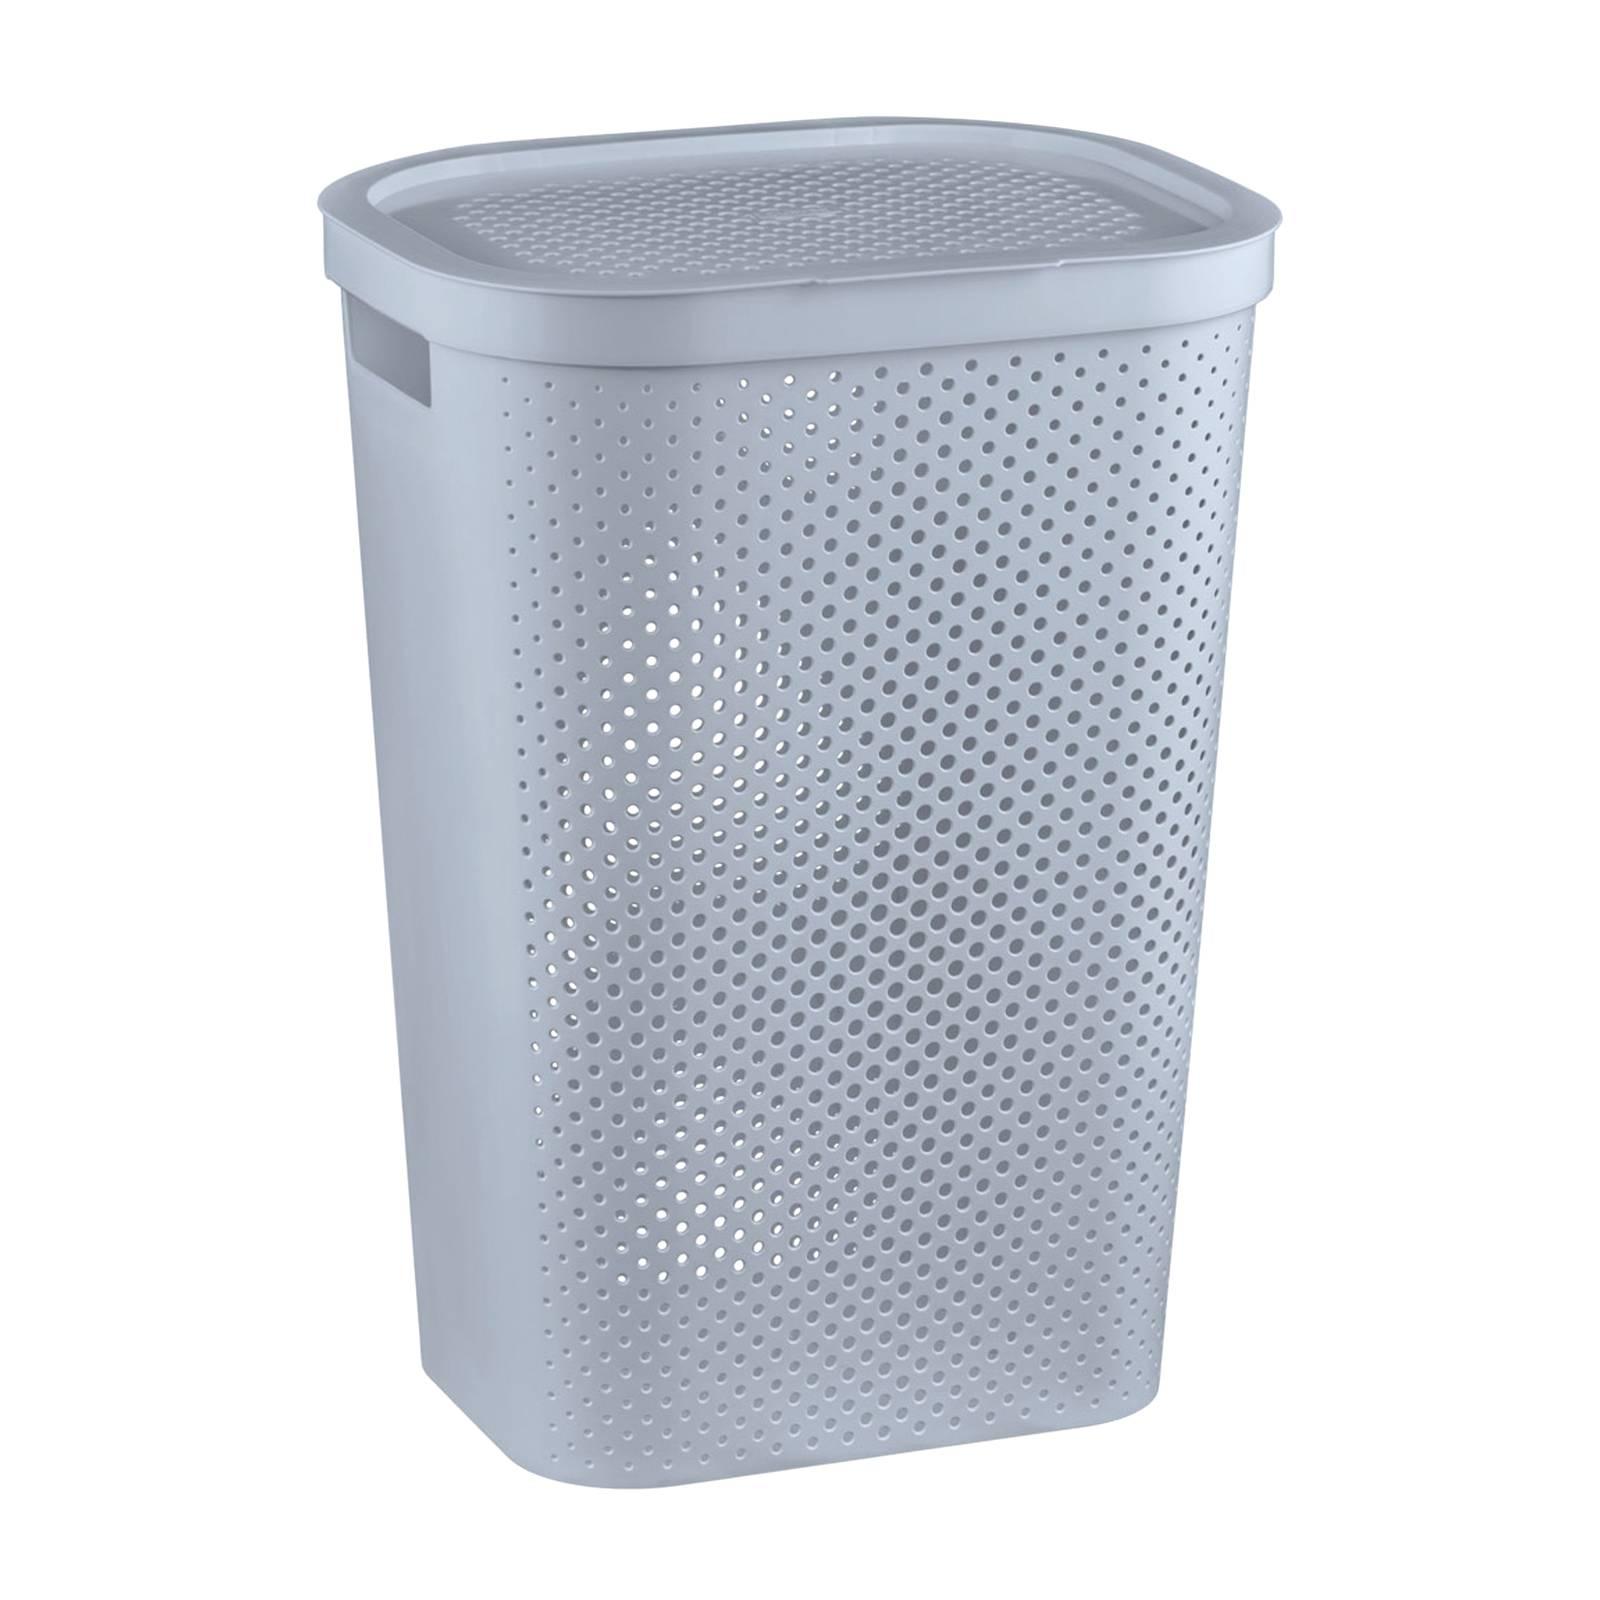 Tvättkorg Infinity 60 L grå CURVER